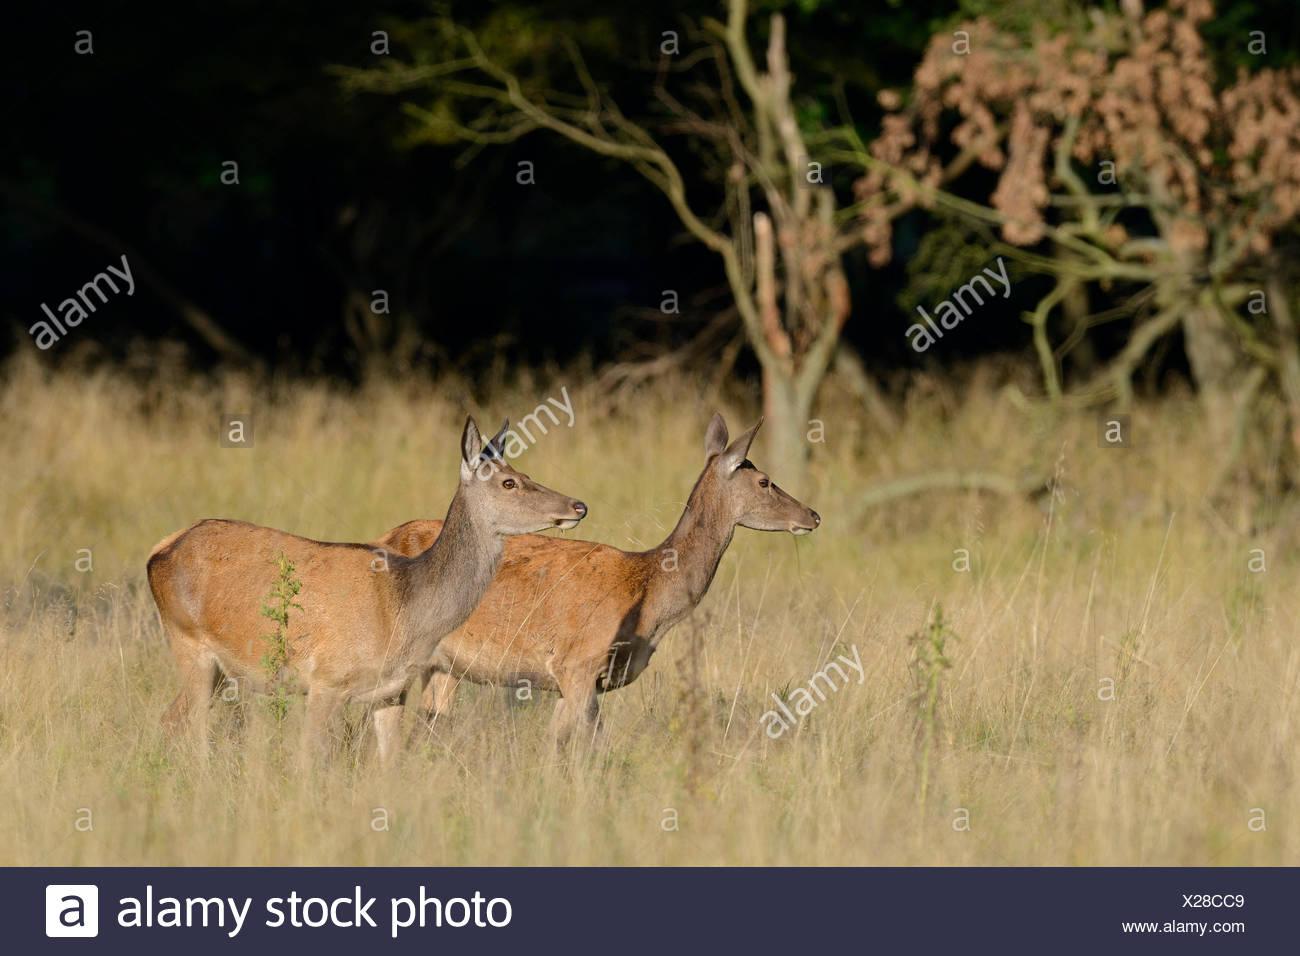 Il cervo (Cervus elaphus), non, Danimarca Immagini Stock